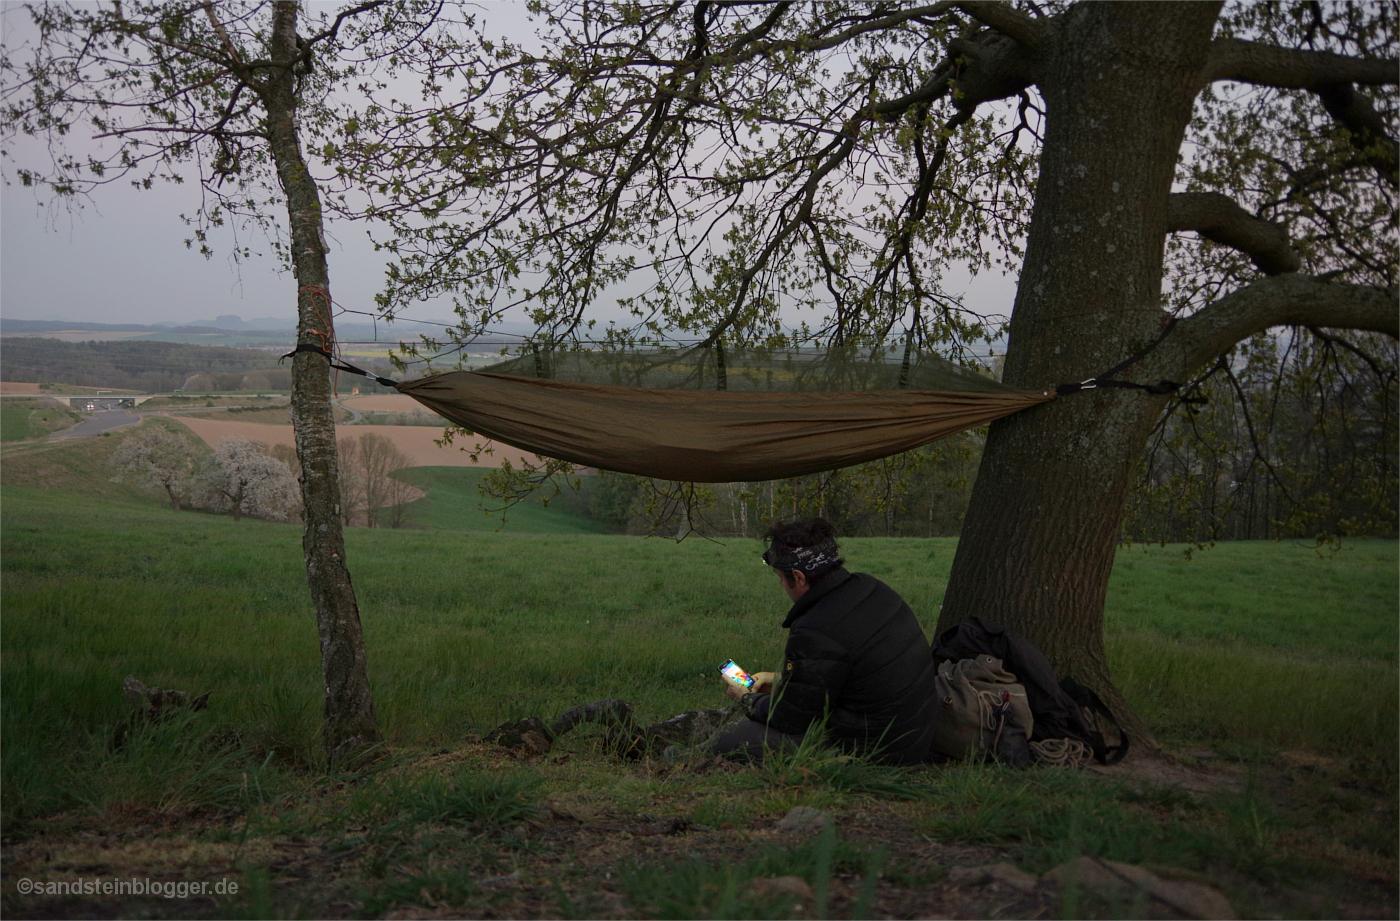 Mann auf einer Anhöhe, der Blick geht weit ins Land. Zwischen zwei Bäumen ist eine Hängematte befestigt.